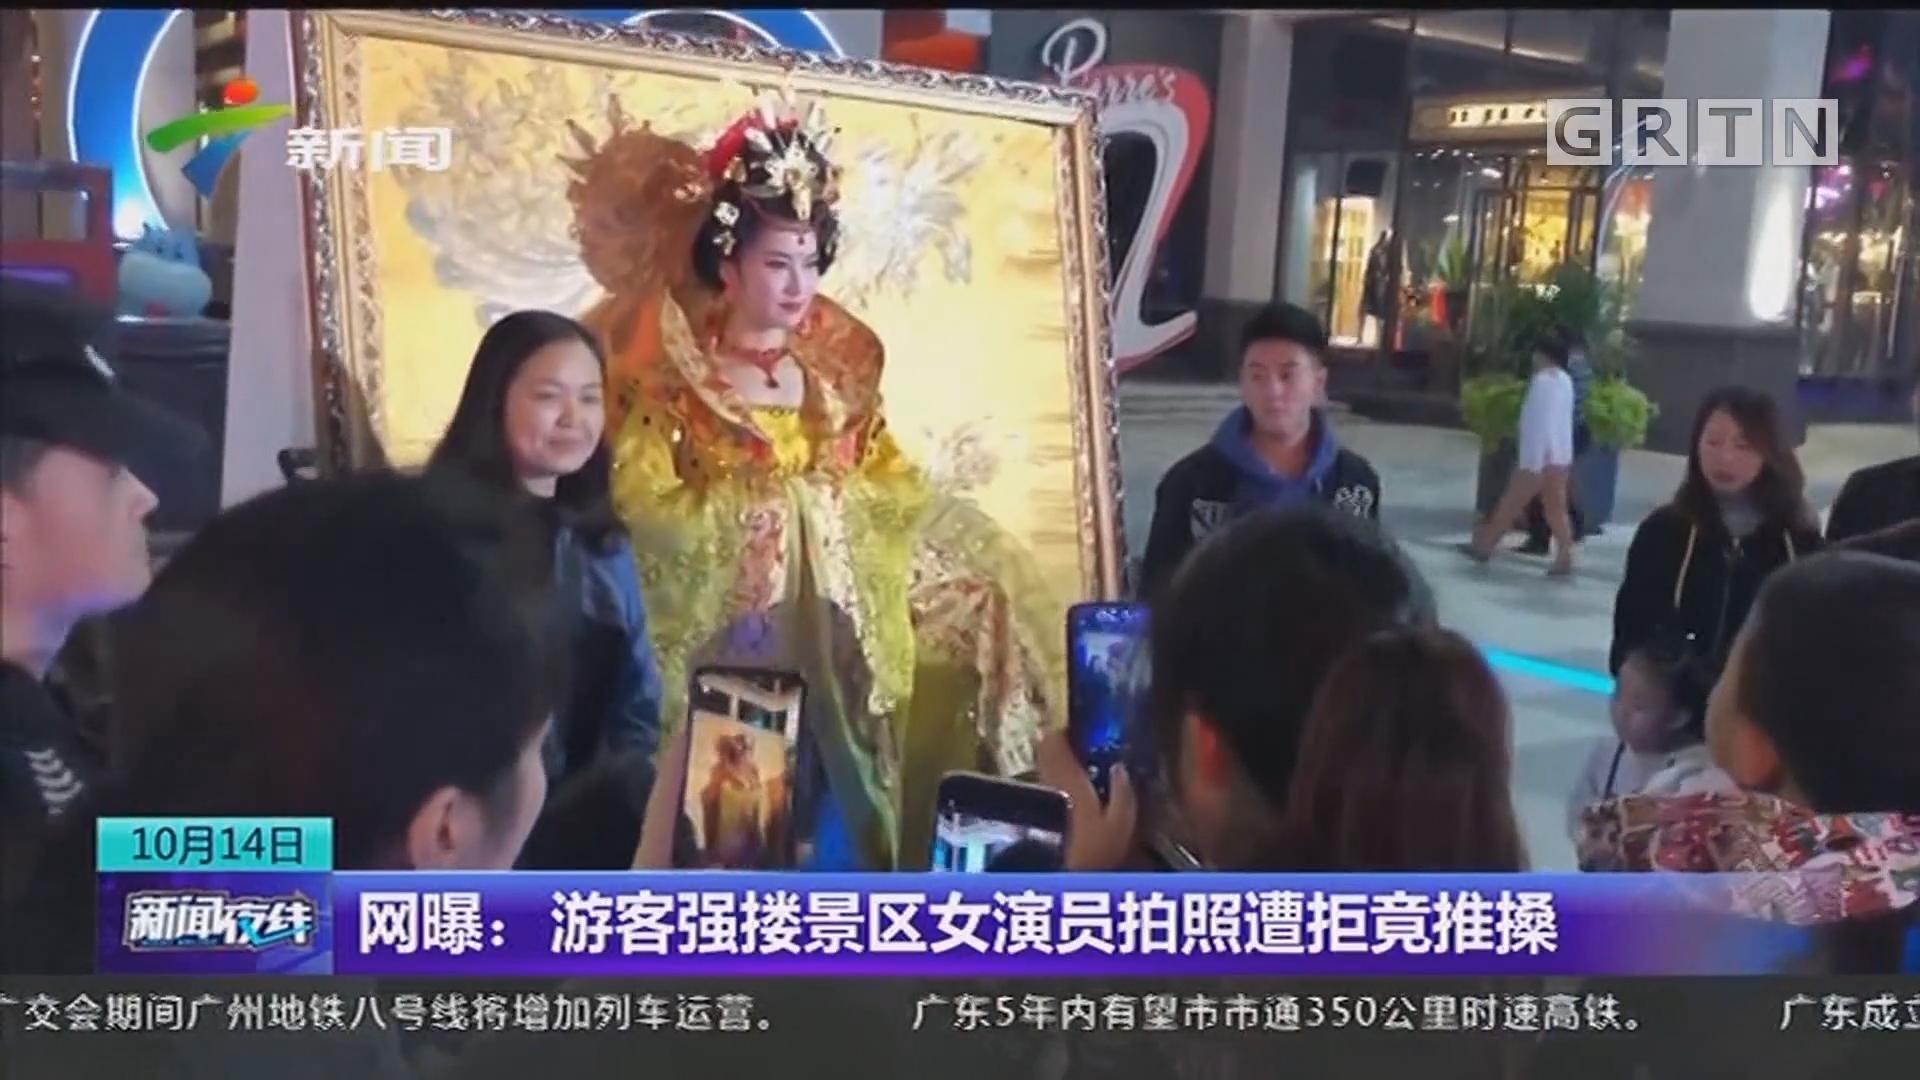 网曝:游客强搂景区女演员拍照遭拒竟推搡